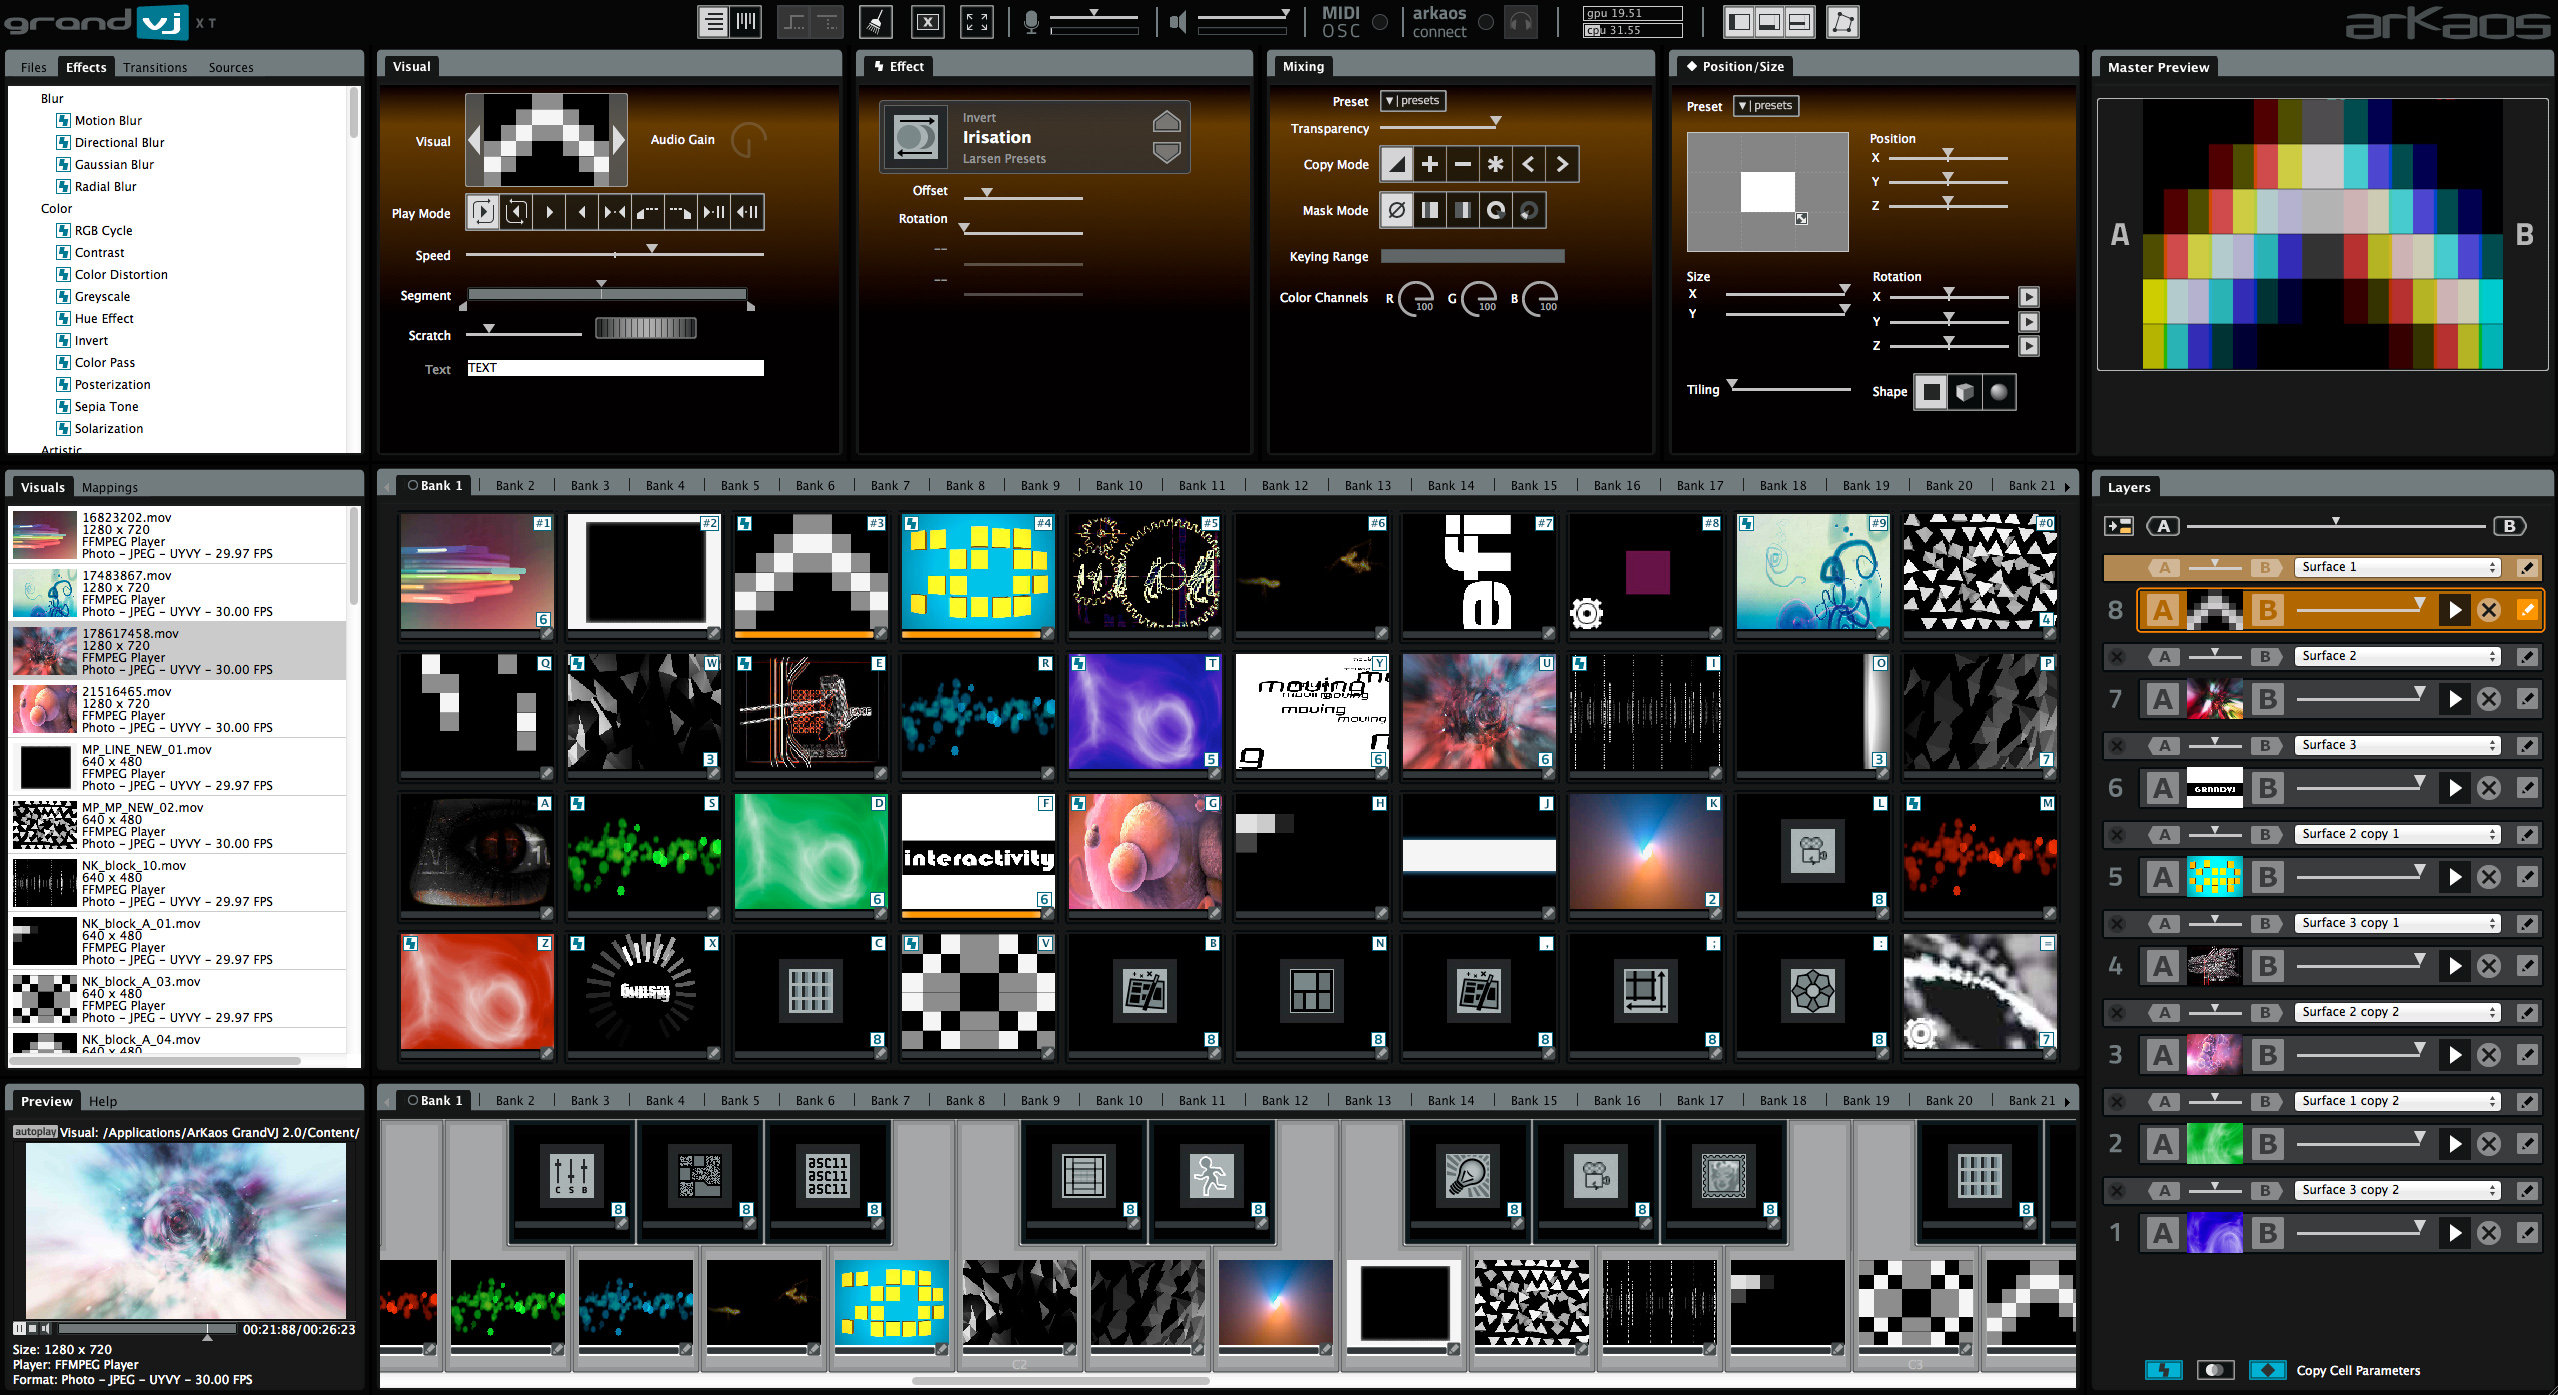 Virtual Mixer Software Arkaos Gvj Xt